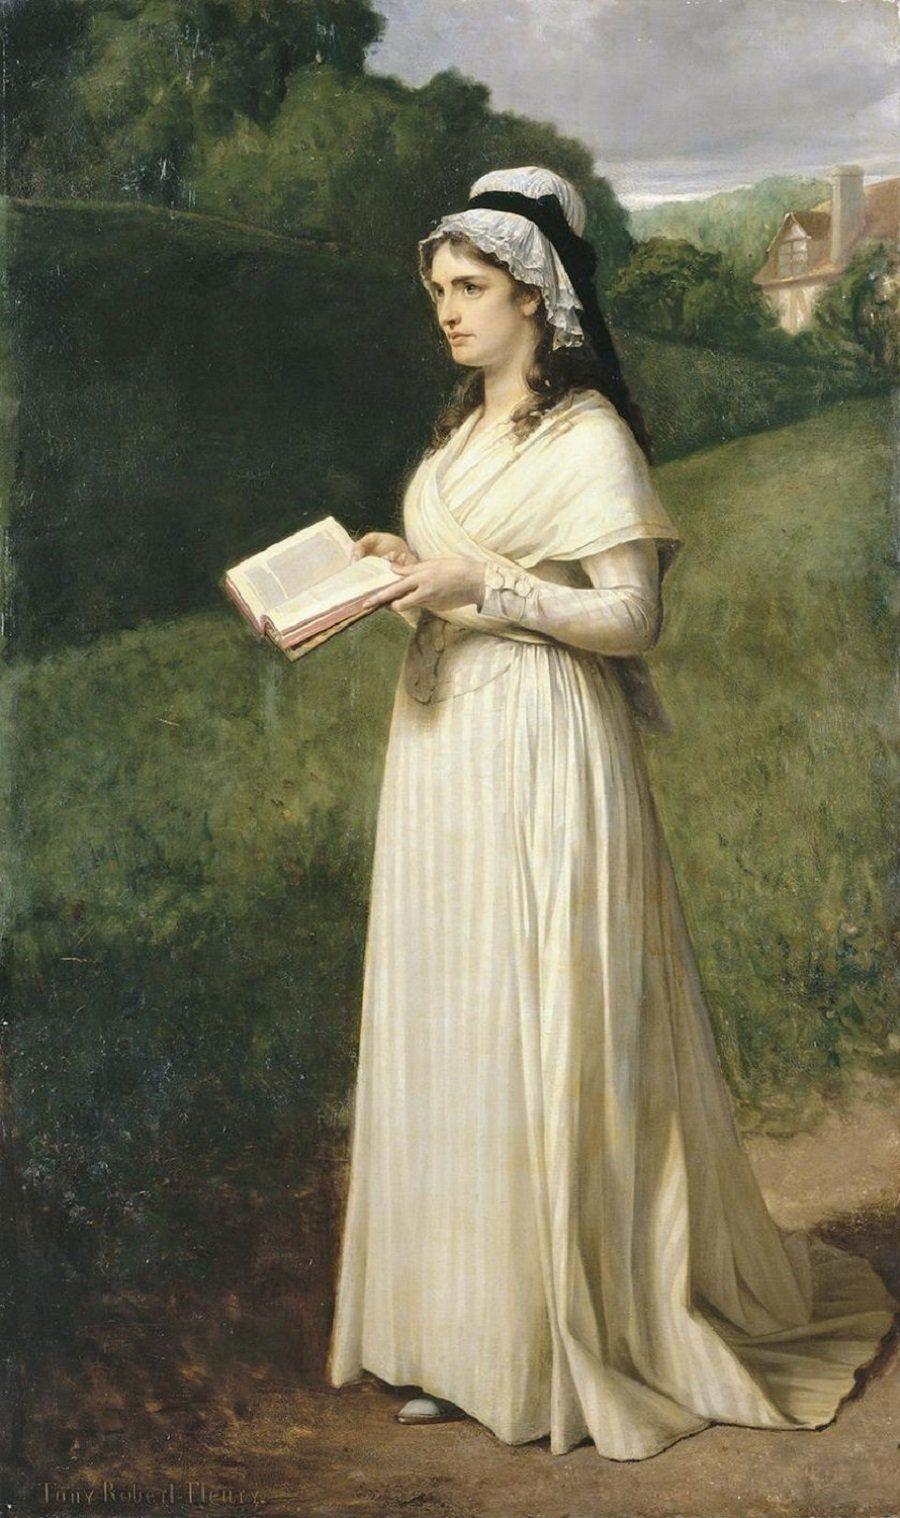 Sir Samuel Luke Fildes (English, 1843-1927)